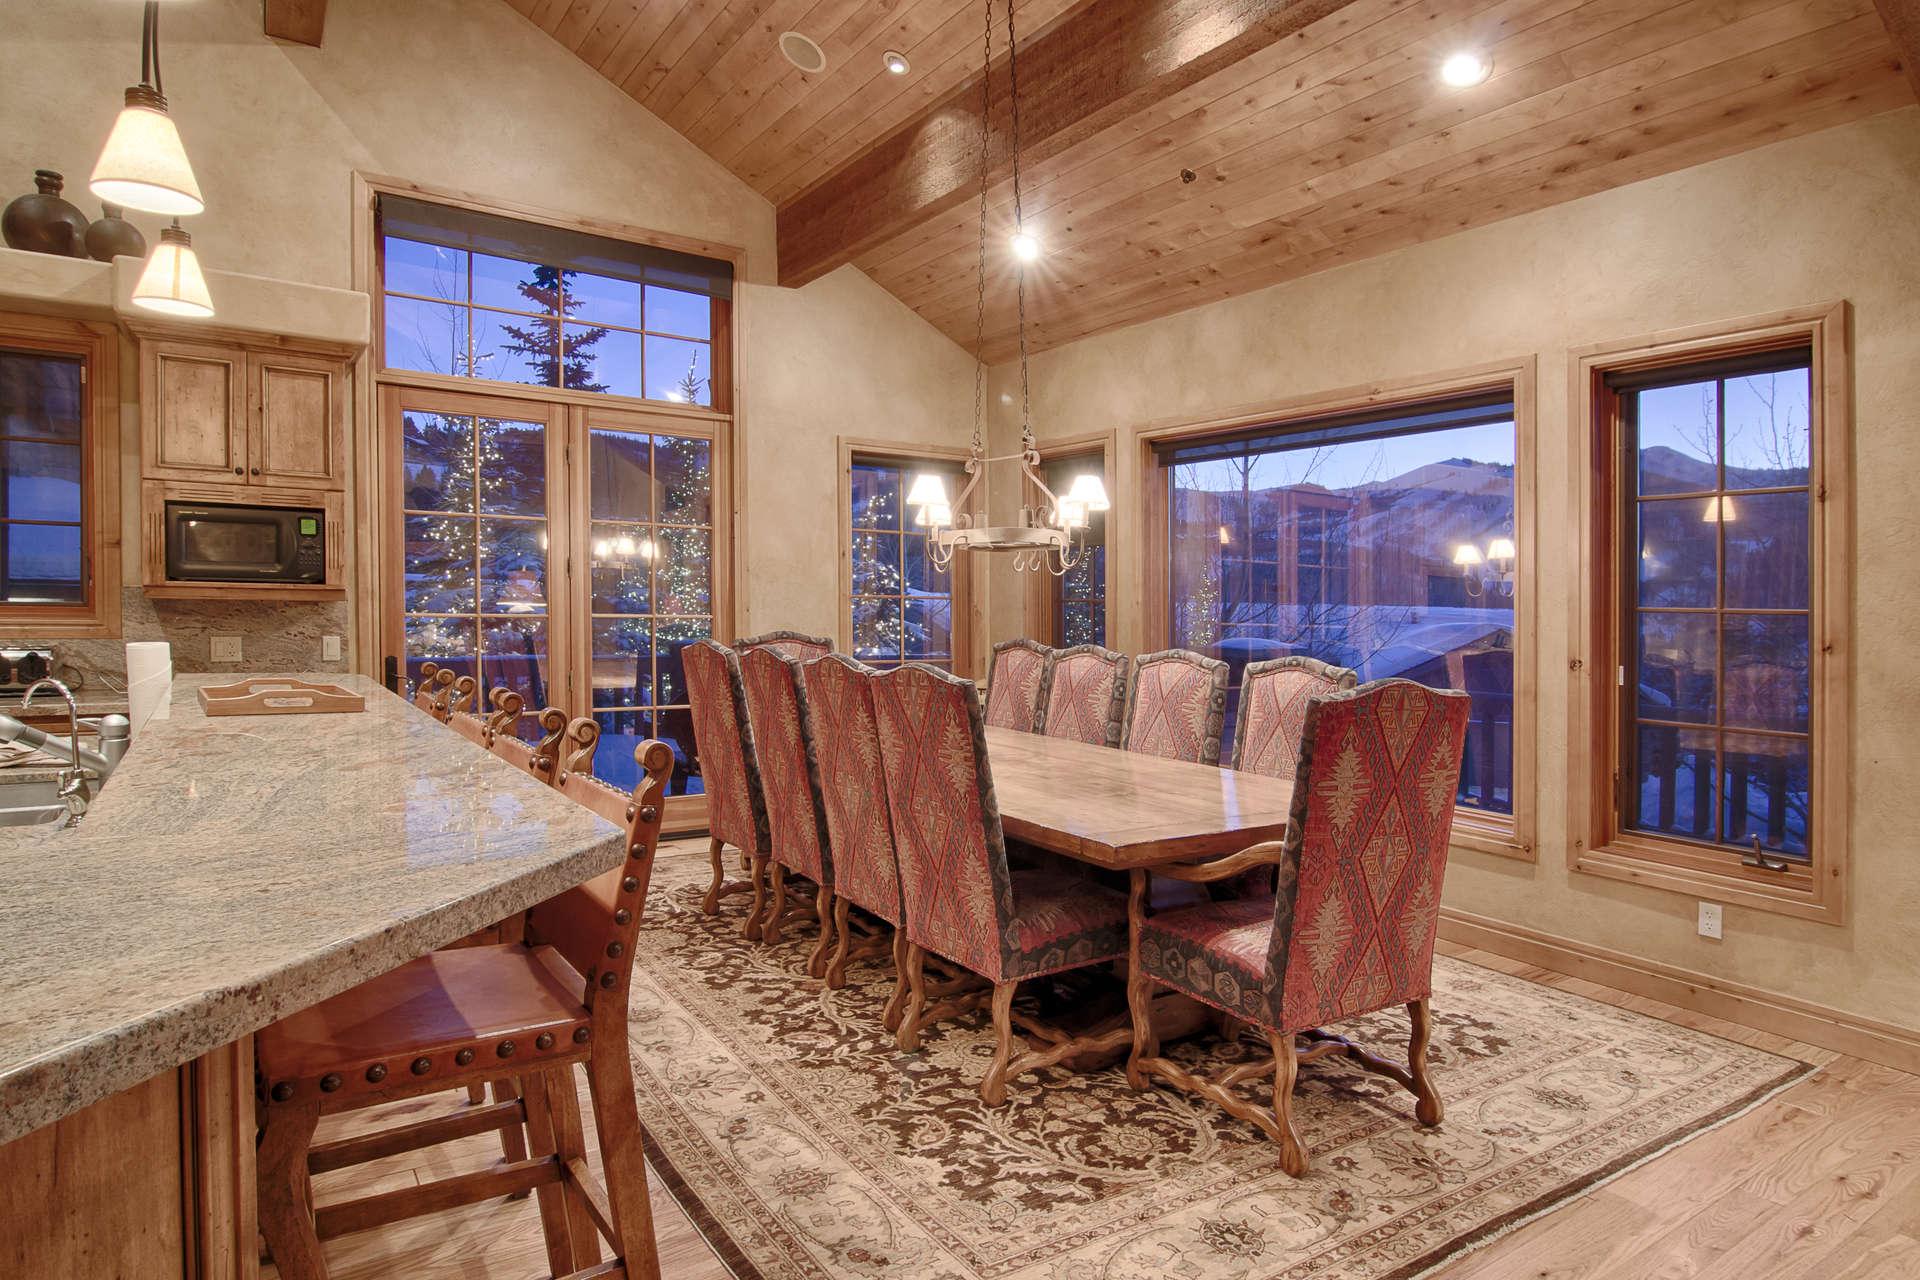 Luxury vacation rentals usa - Utah - Deer valley silver lake - Belle Apres - Image 1/10